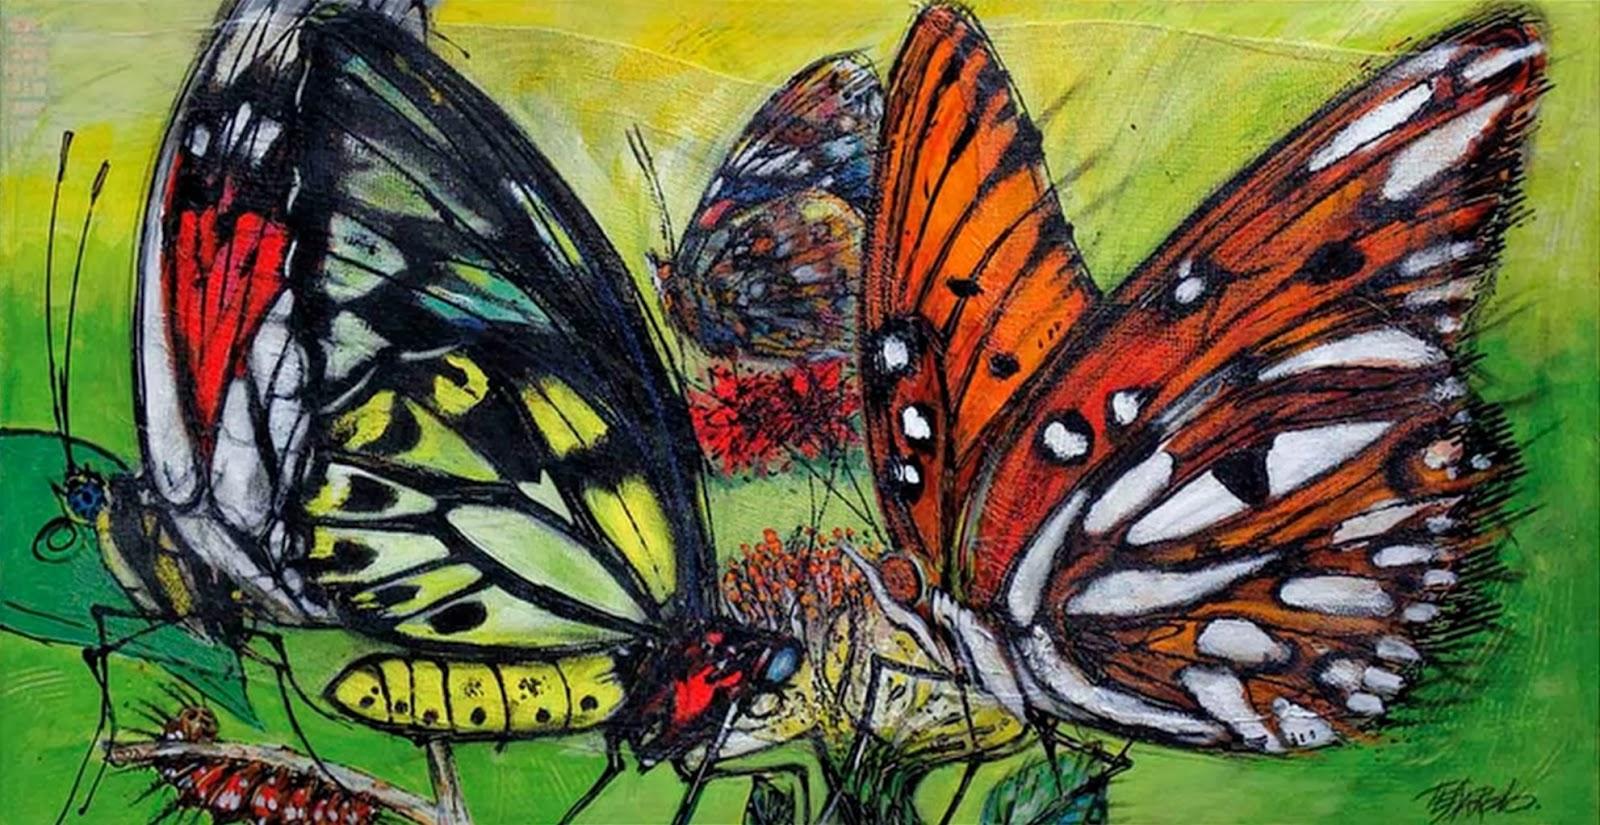 Cuadros Modernos Pinturas Y Dibujos Pintados A Mano Mariposas Al óleo